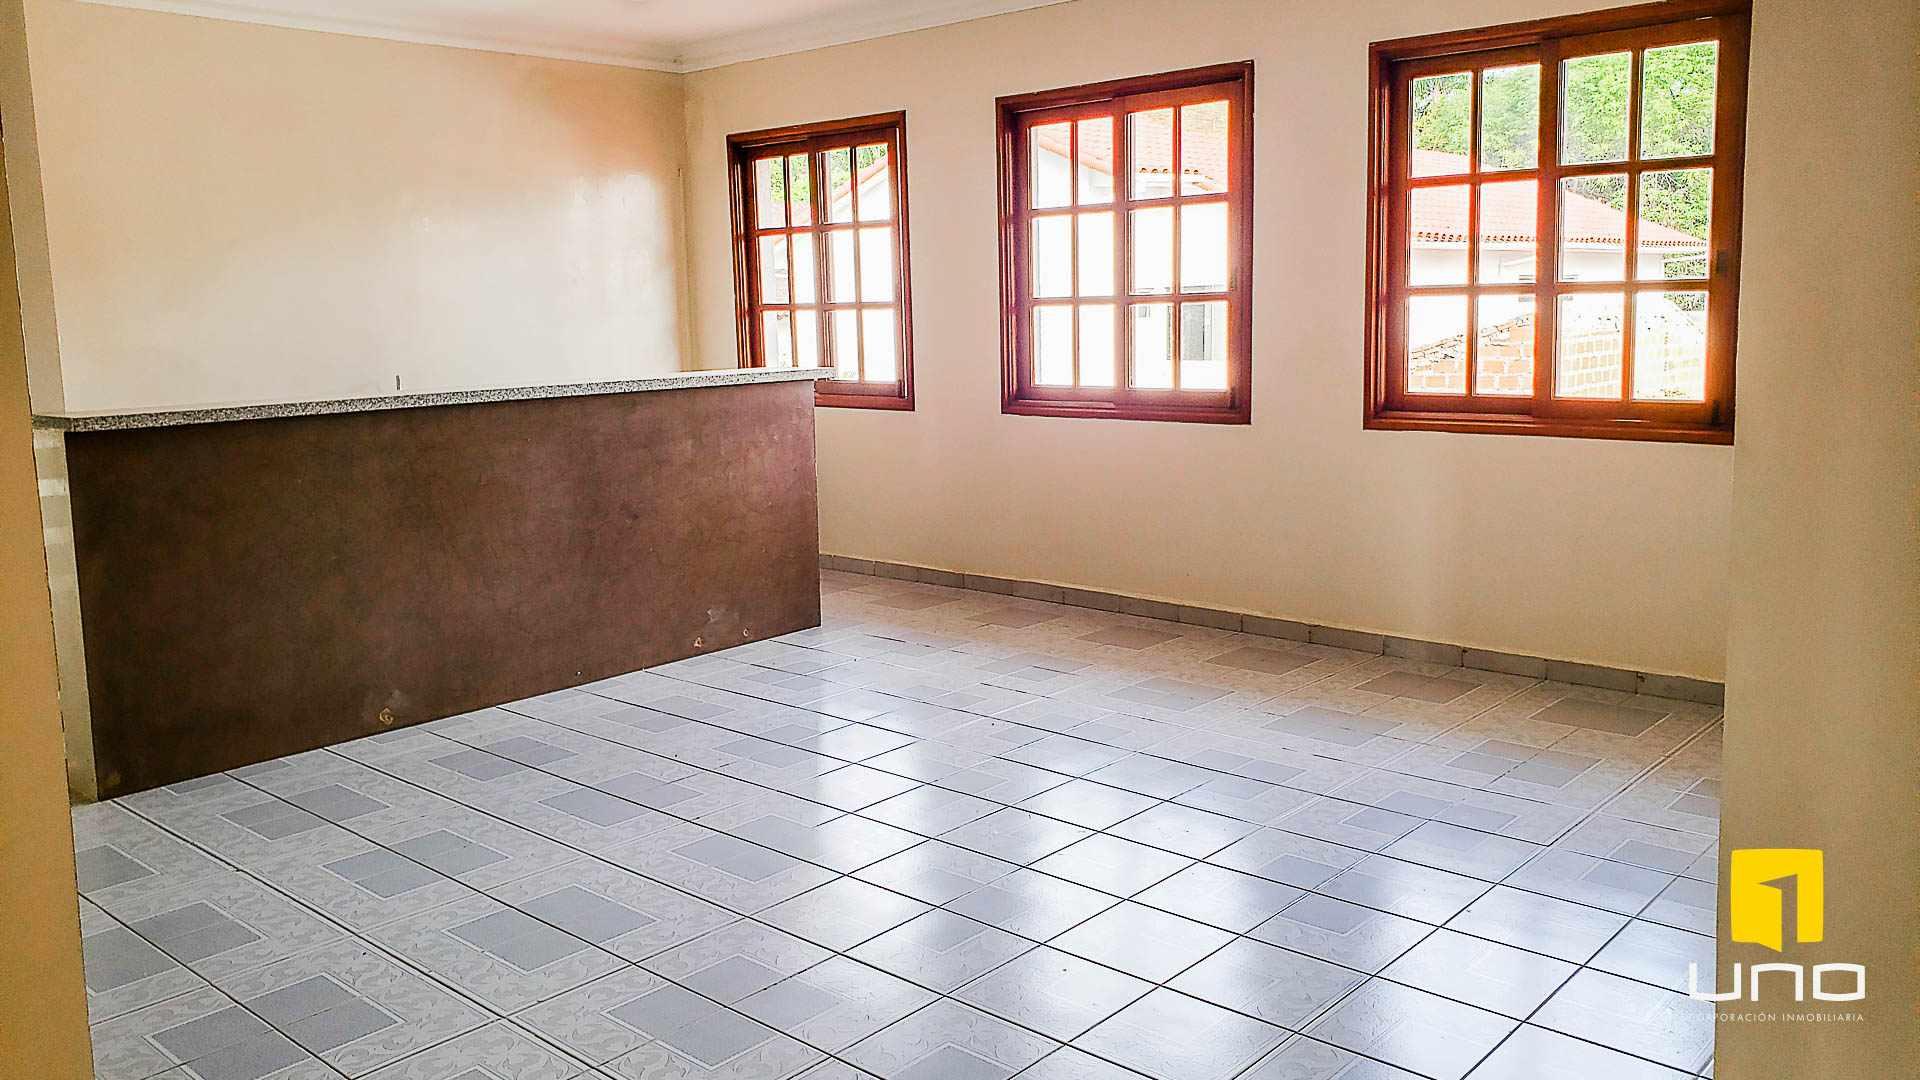 Casa en Alquiler BARRIO EQUIPETROL ALQUILO AMPLIA CASA PARA OFICINAS Foto 8